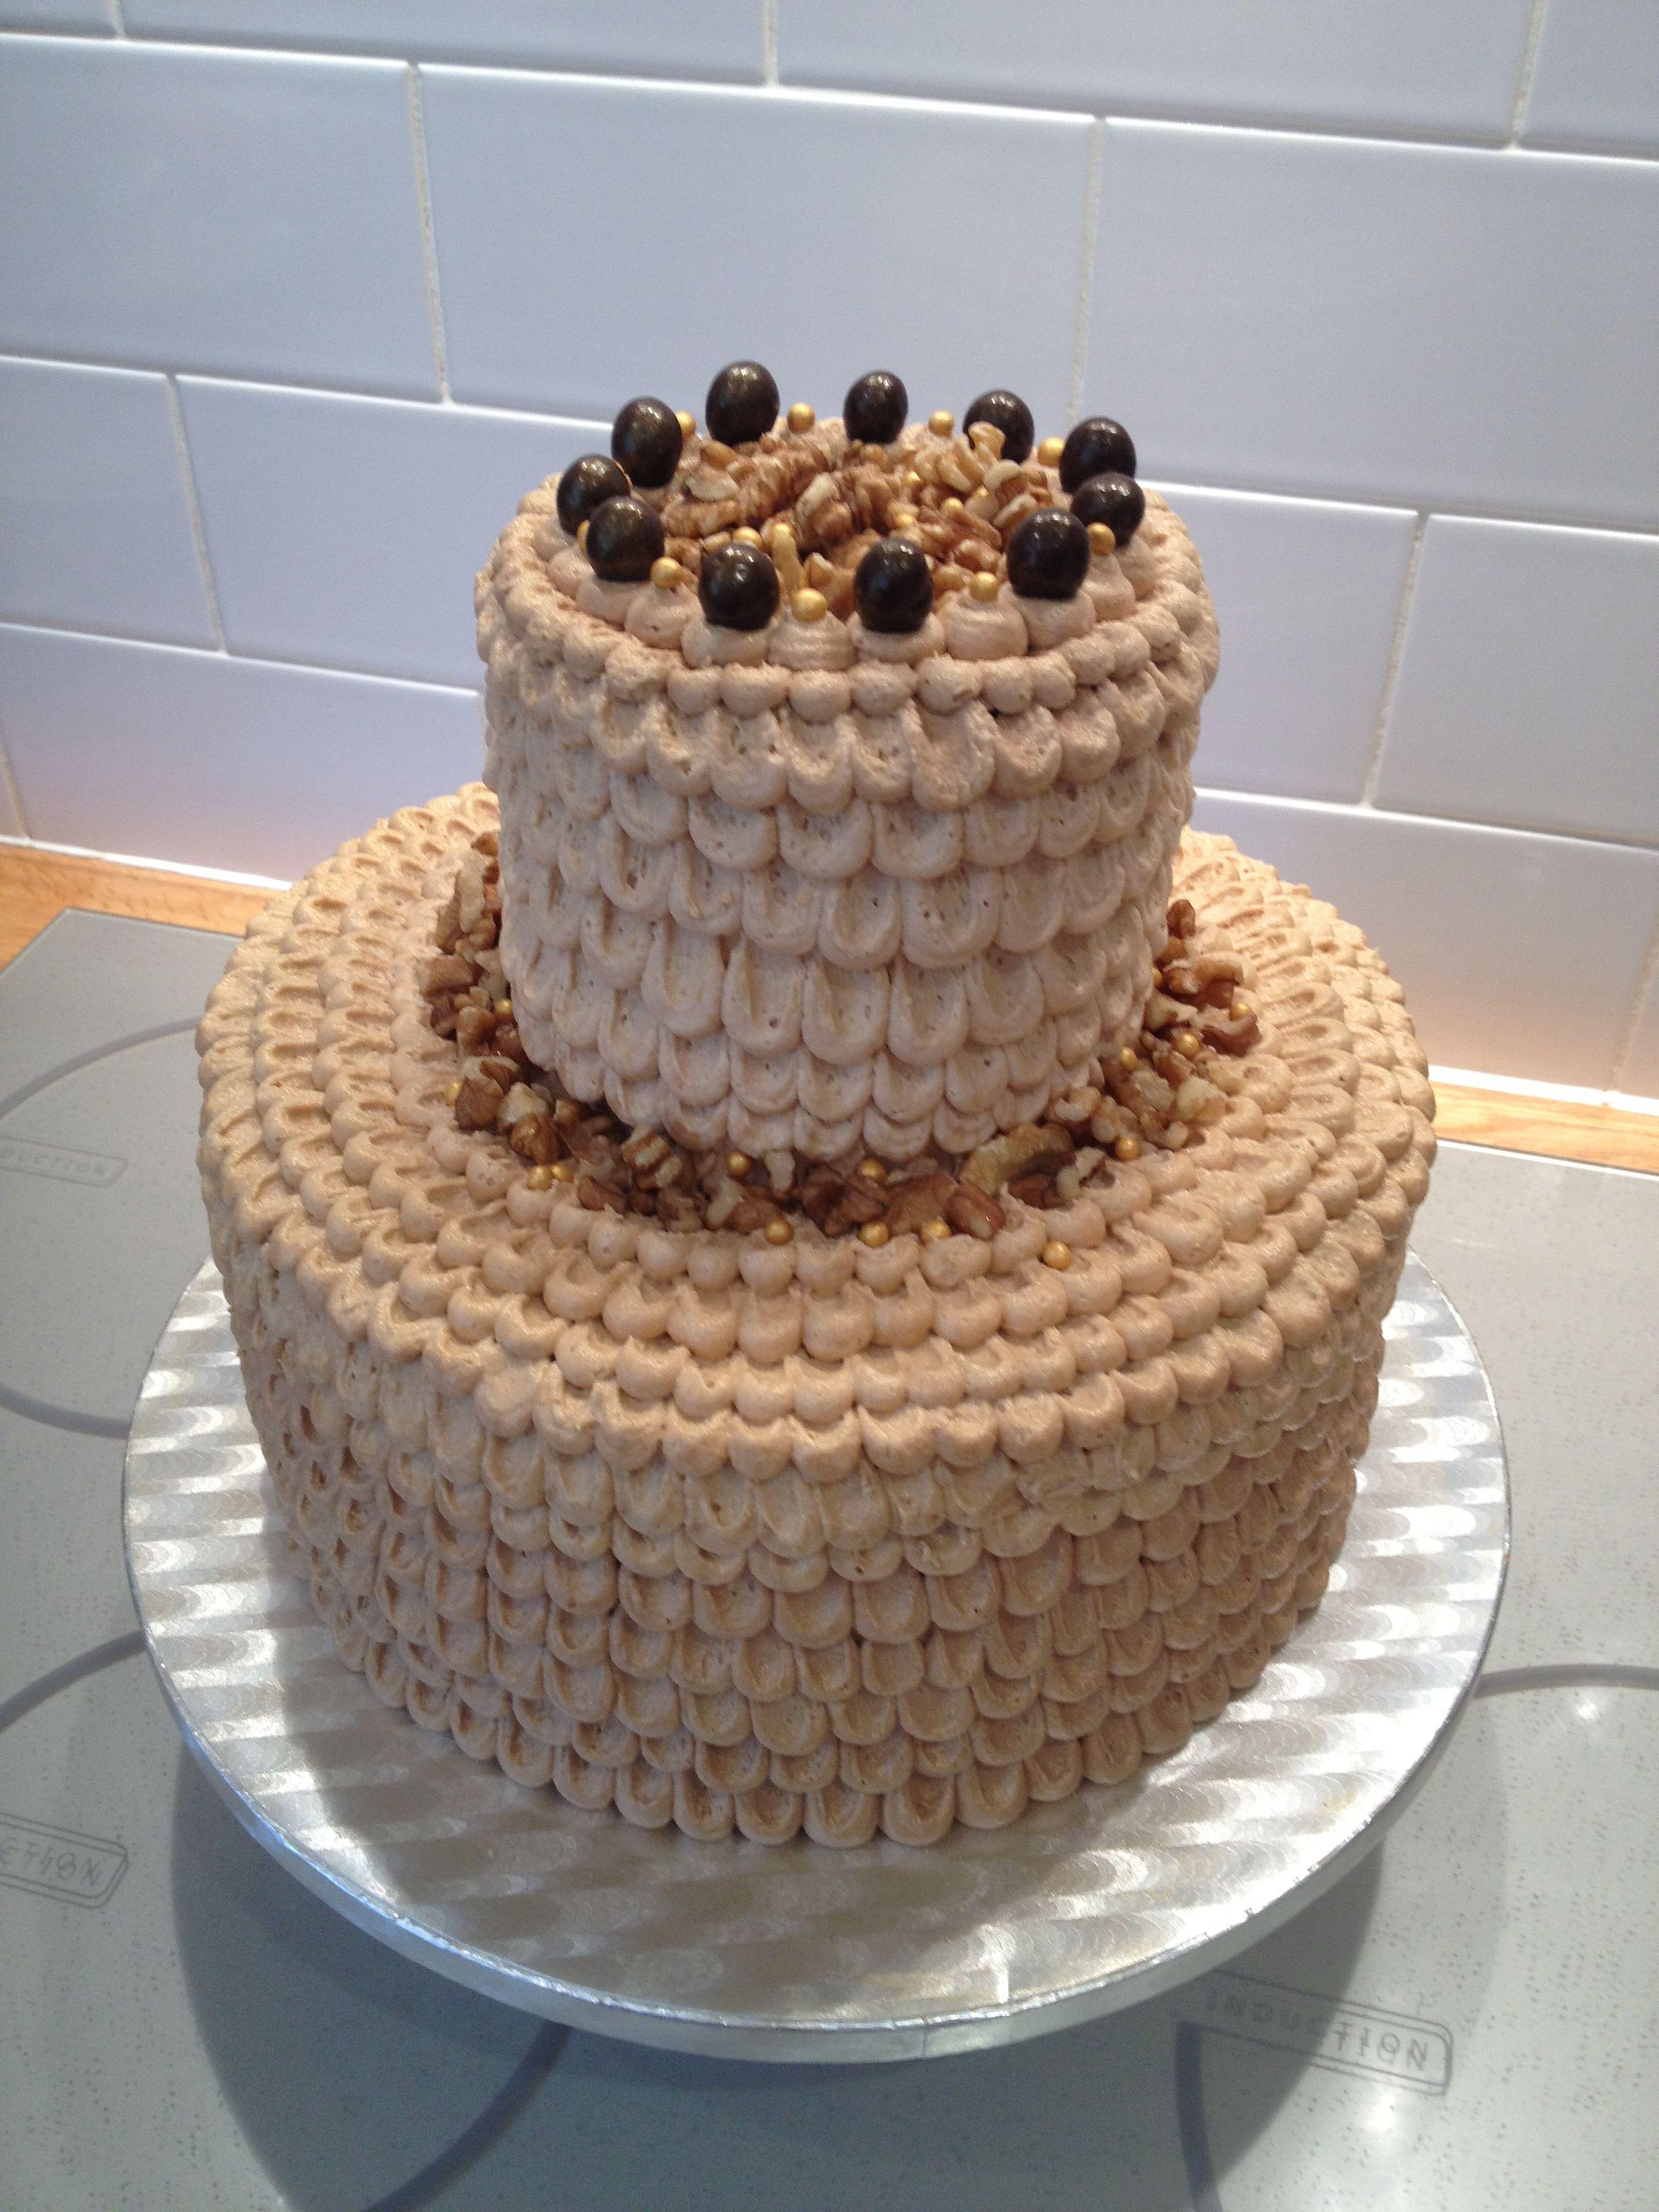 Coffee & Walnut Celebration Cake for DadinLaw's 75th